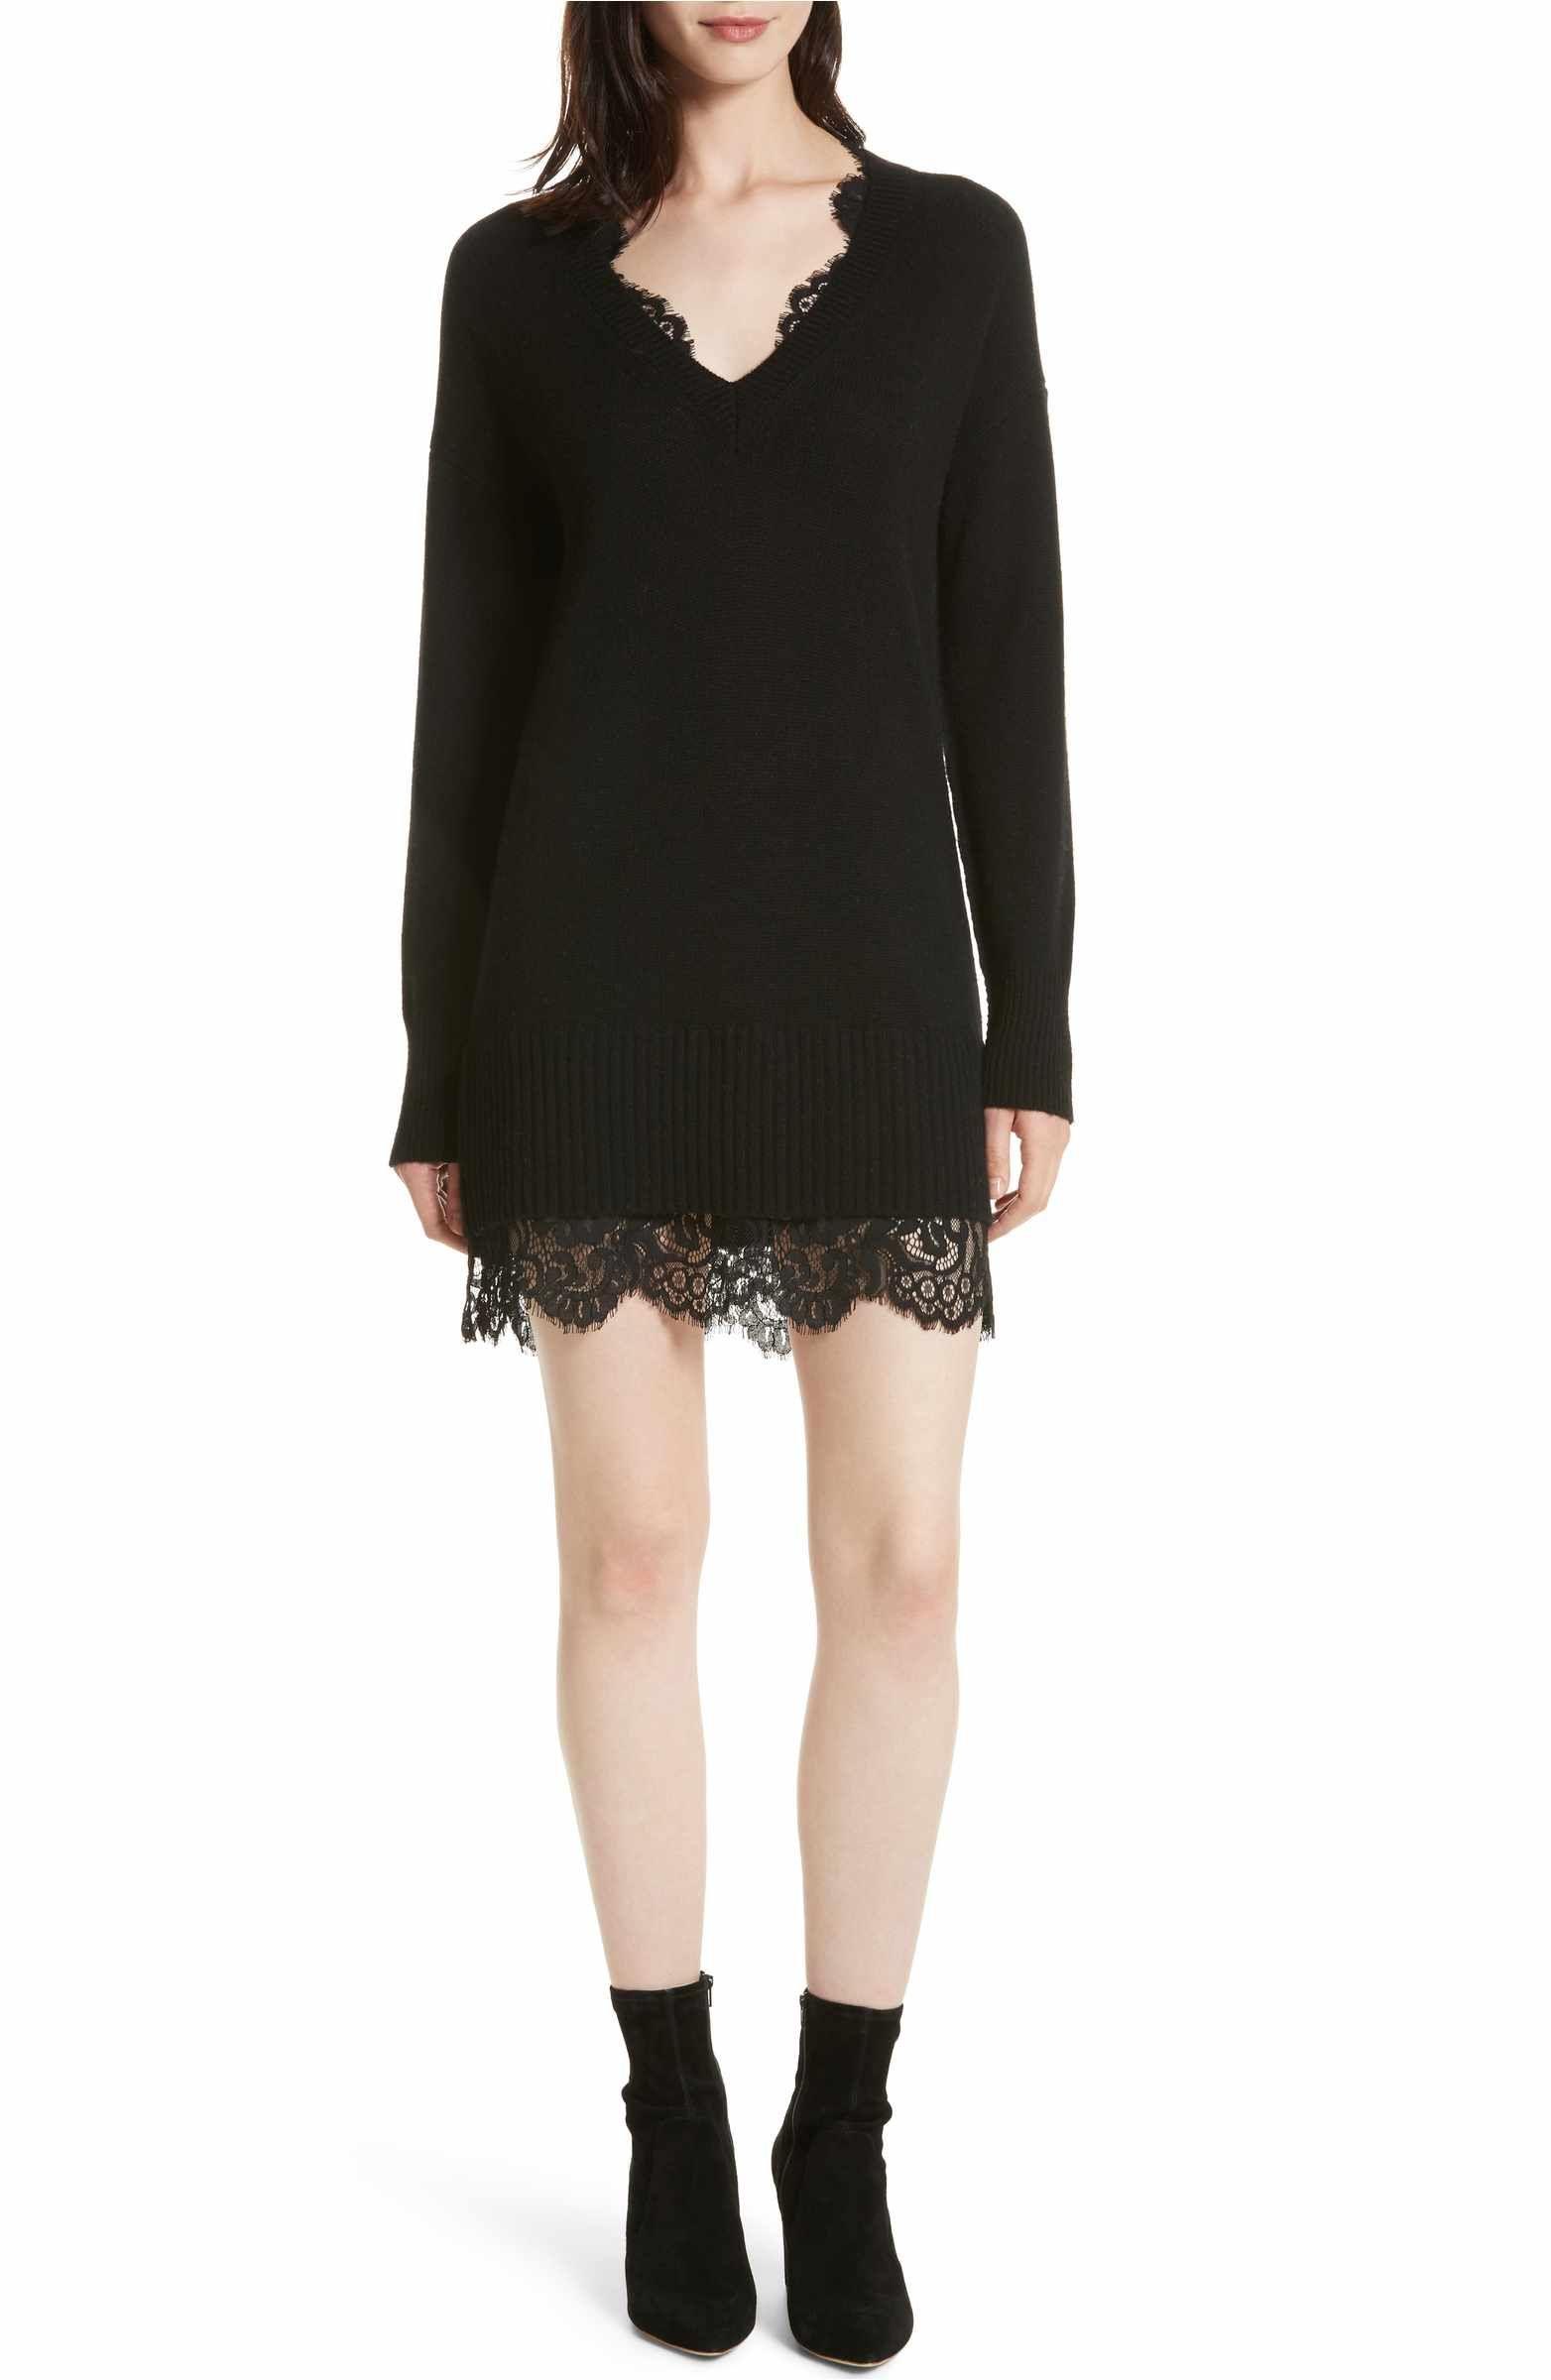 76f71dace73 Main Image - Brochu Walker Lace Looker Sweater Dress